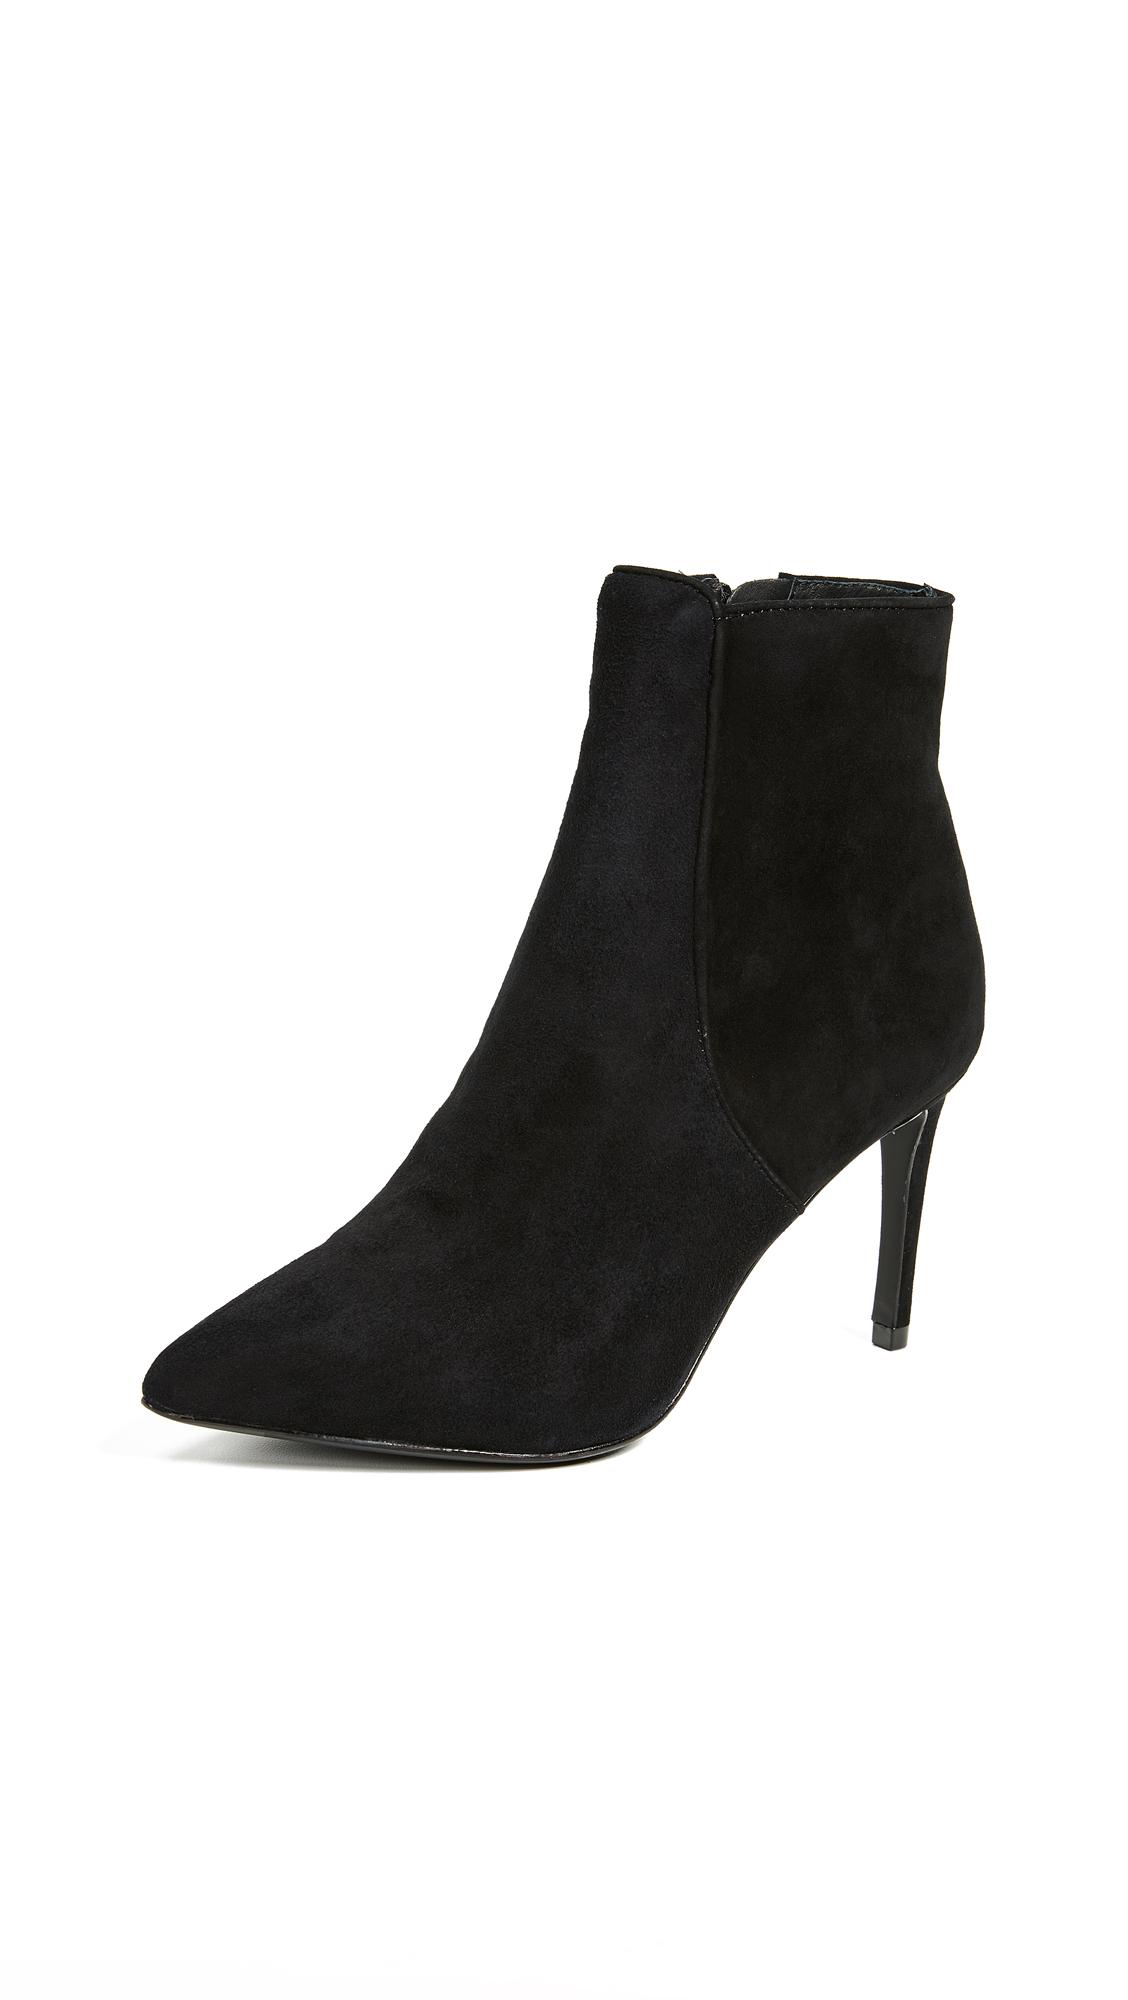 Rachel Zoe Morgan Point Toe Booties - Black